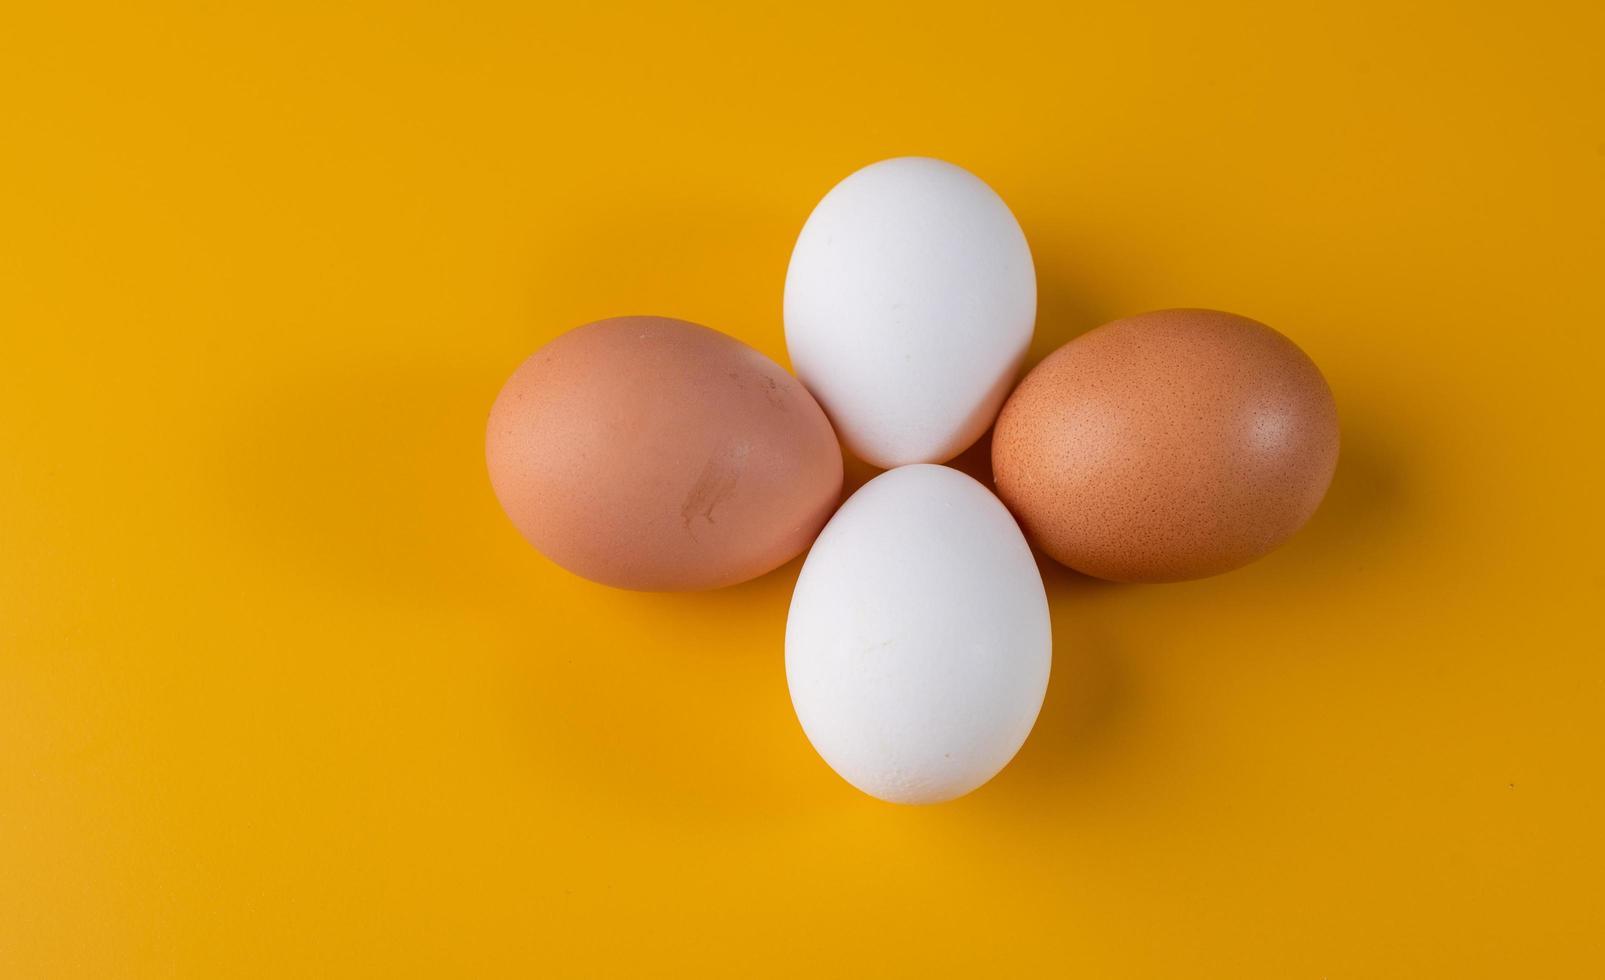 vier Eier auf gelbem Hintergrund foto